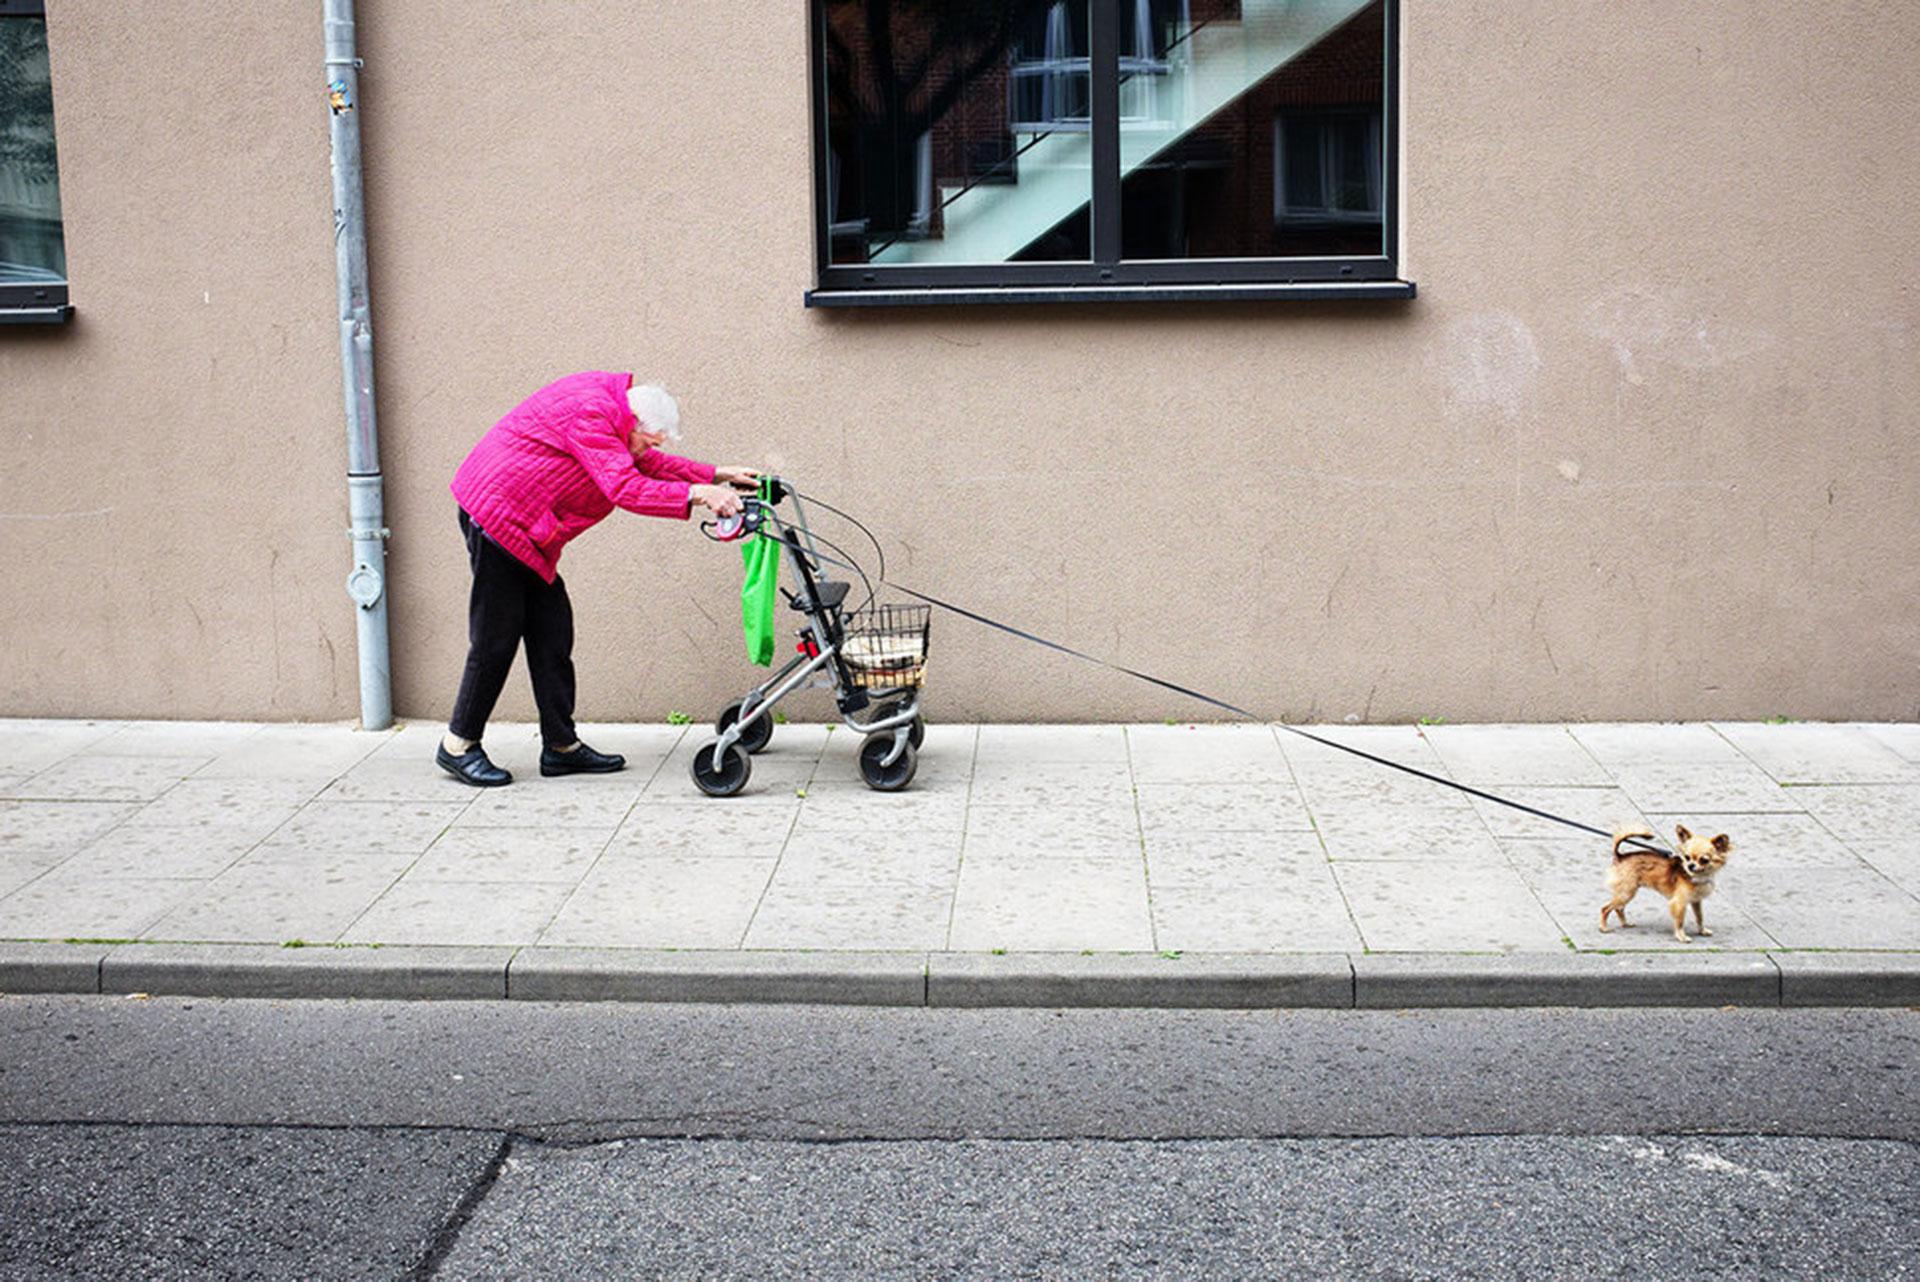 """Competencia """"Abierto""""– Categoría """"Fotografía Callejera"""": la dama más gentil de su vecindario en Hamburgo, Alemania – siempre con estilo, colorida, de buen humor, sonriente, sin quejarse, incluso a través de las luchas diarias. Nunca se la ve sin su mejor amiga, su perrito. (Gentileza Sony World Photography Awards)"""